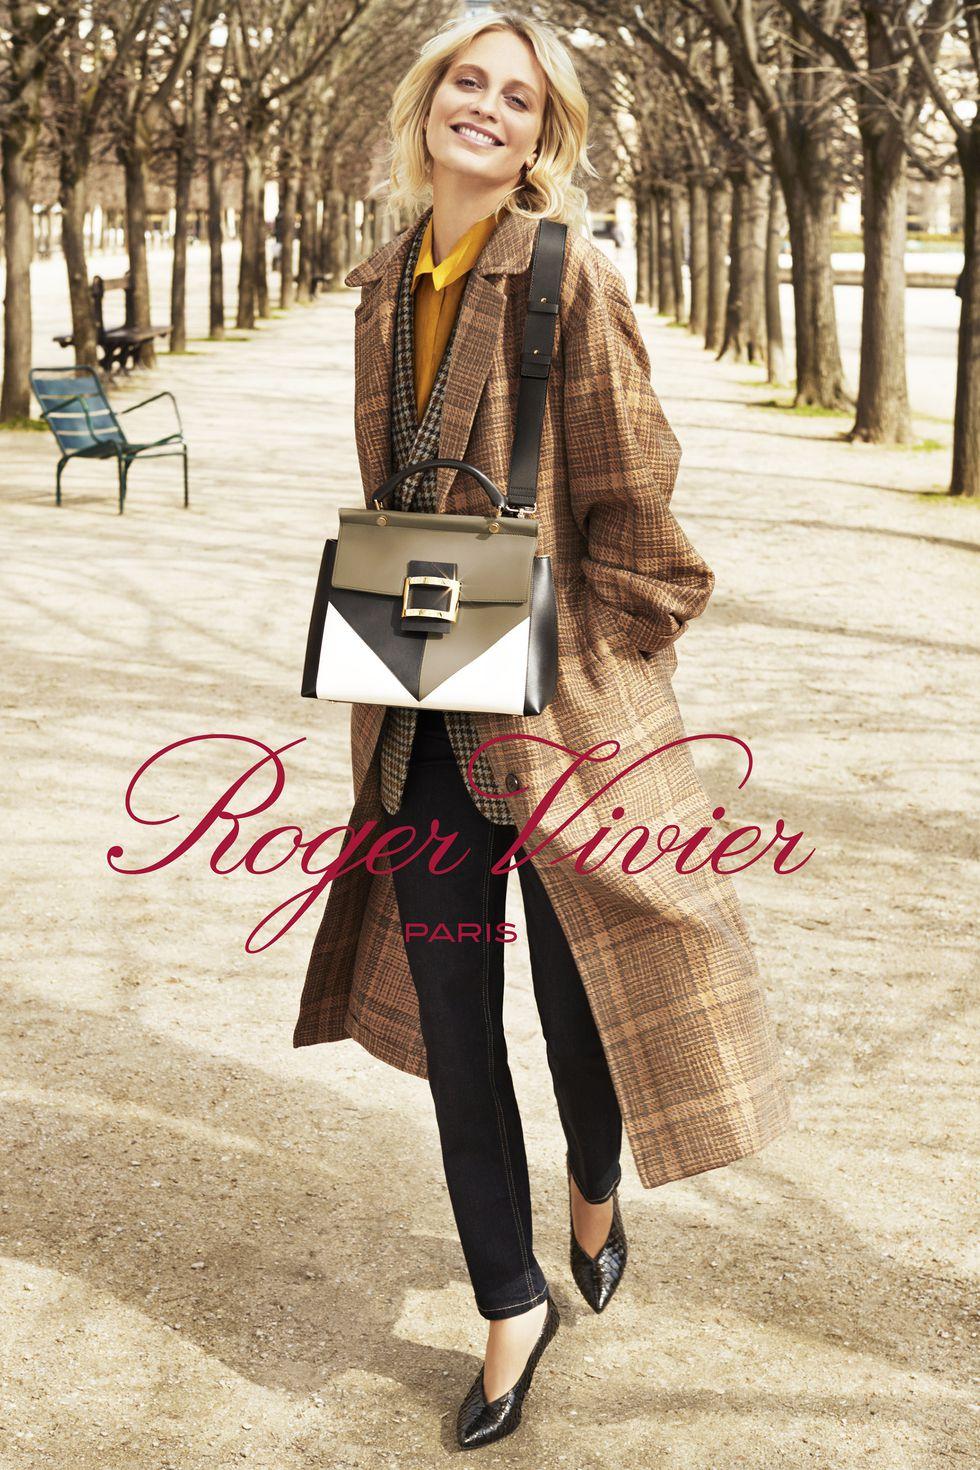 roger-vivier-1532962097.jpg